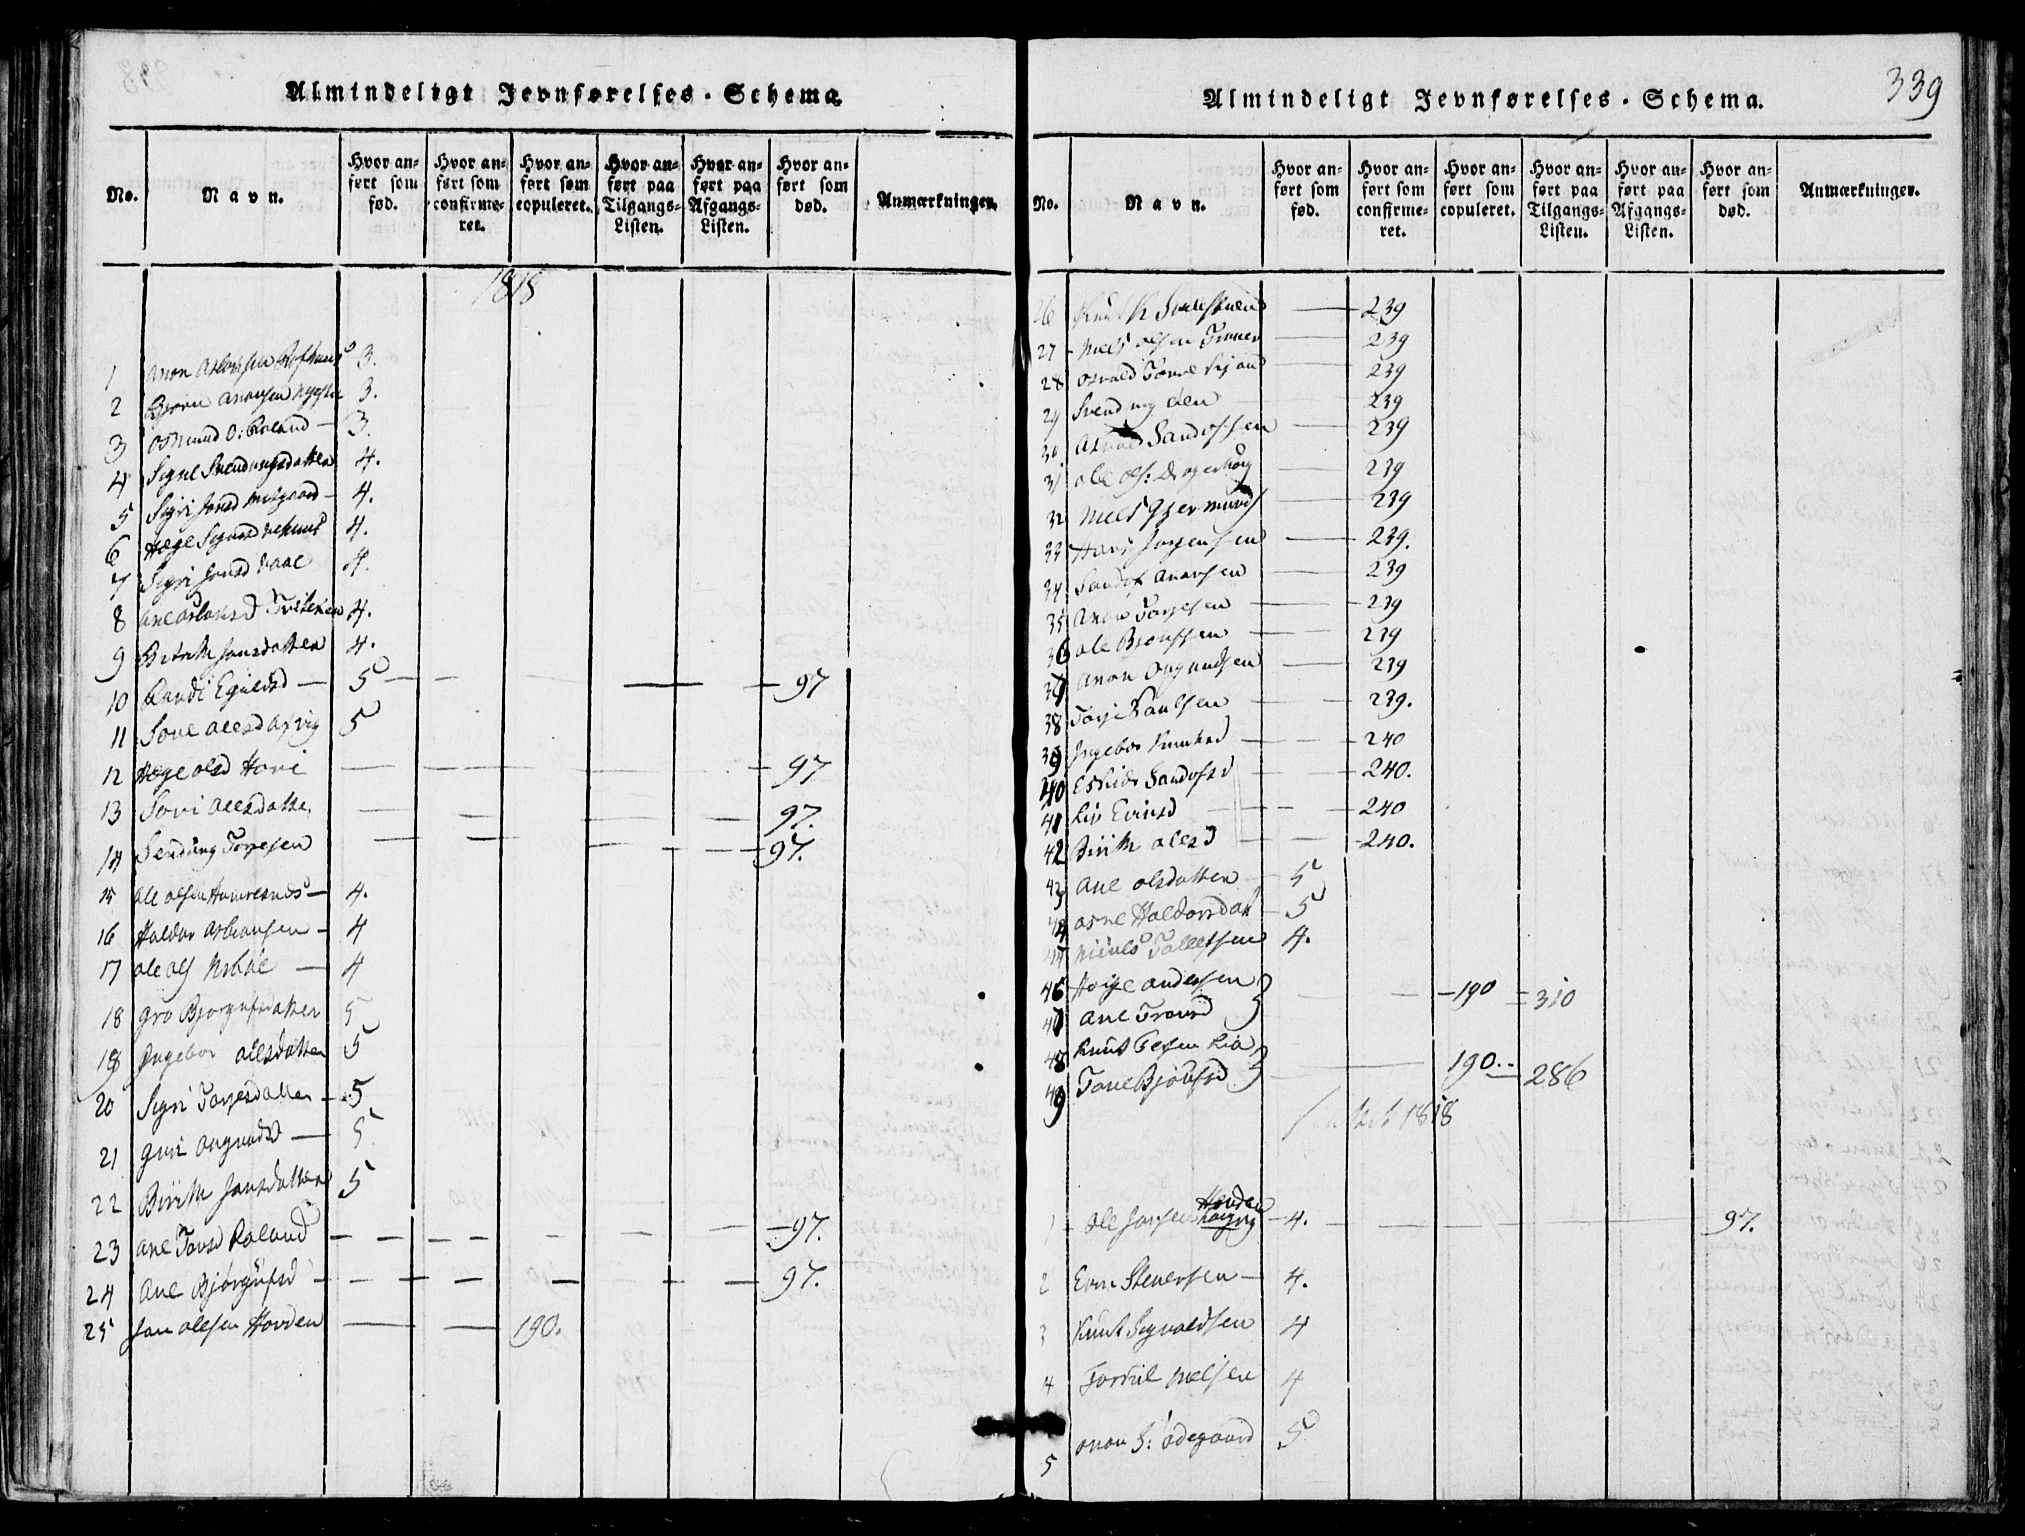 SAKO, Rauland kirkebøker, G/Ga/L0001: Klokkerbok nr. I 1, 1814-1843, s. 339